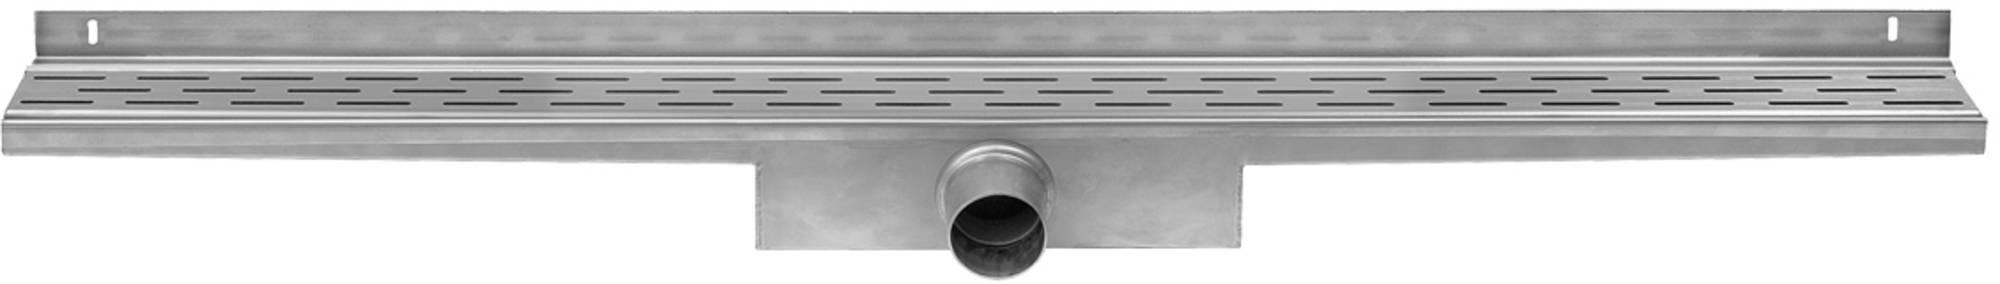 Easy Drain Compact Wall 30 afvoergoot 6x90 cm zijuitlaat RVS